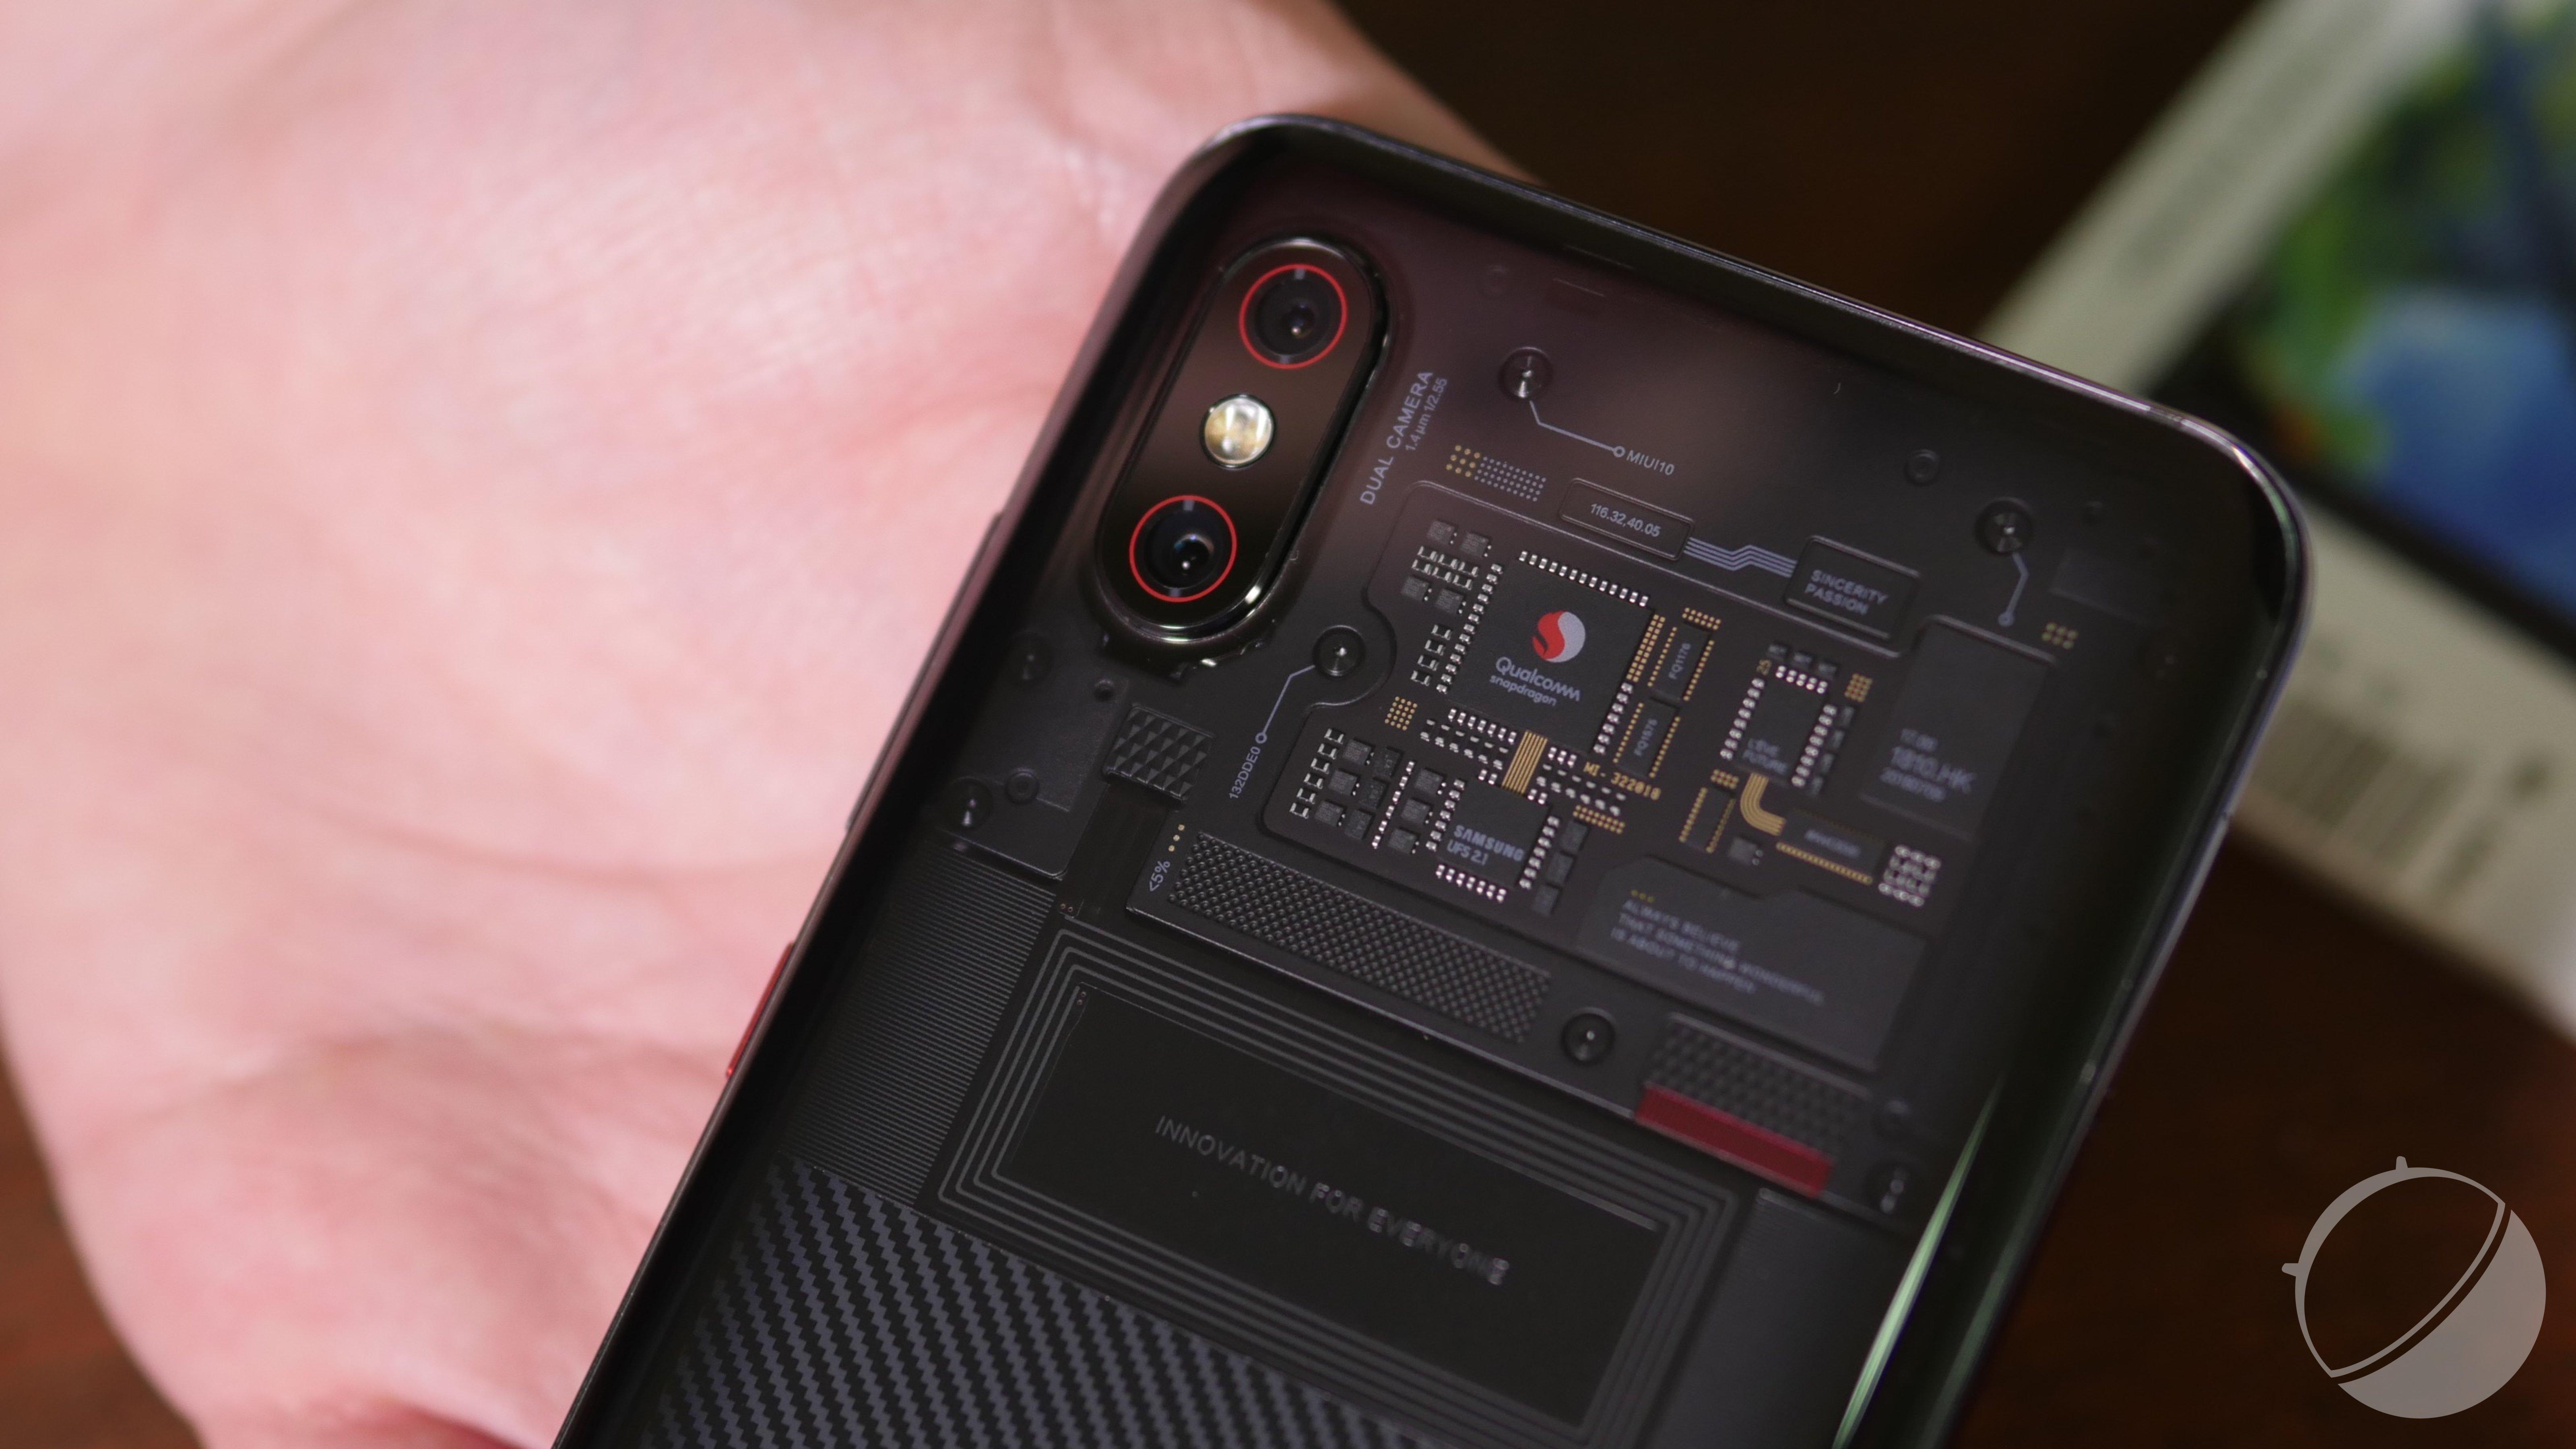 Xiaomi Mi 9 : admirez ces quelques photos prises avec le capteur de 48 mégapixels du smartphone